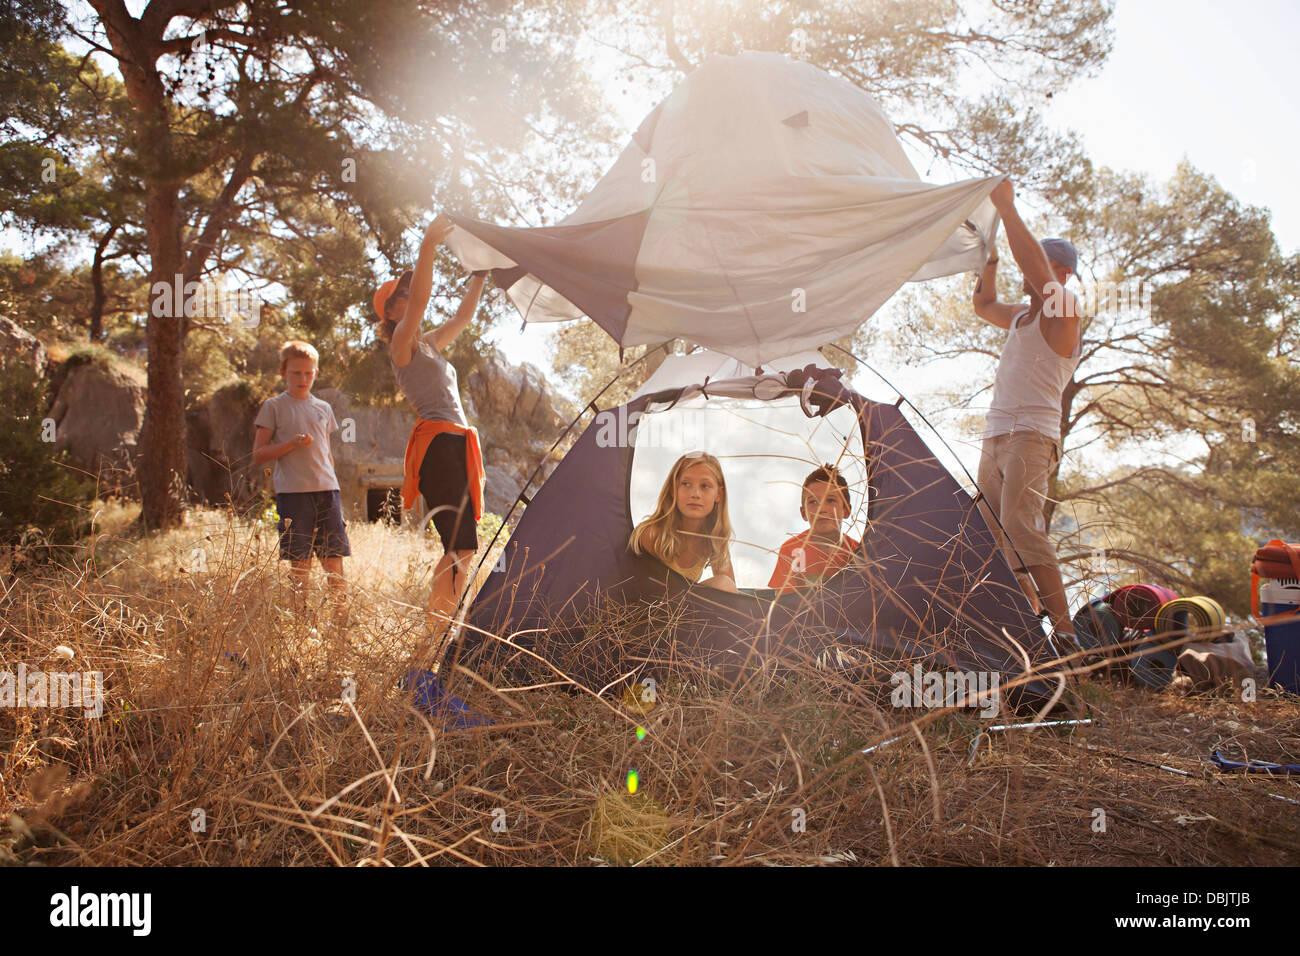 Croacia, Dalmacia, vacaciones en familia en camping, el lanzamiento de la tienda Imagen De Stock